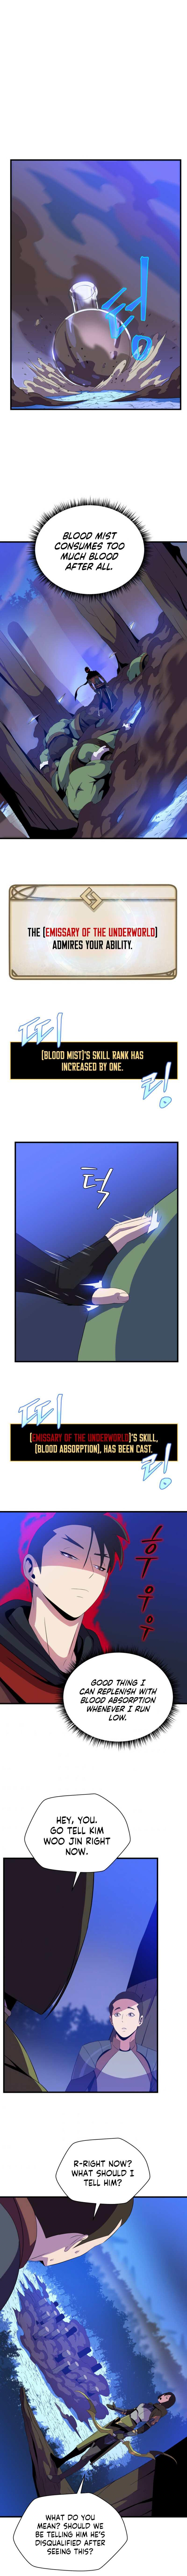 Kill The Hero Chapter 64 page 7 - Mangakakalots.com